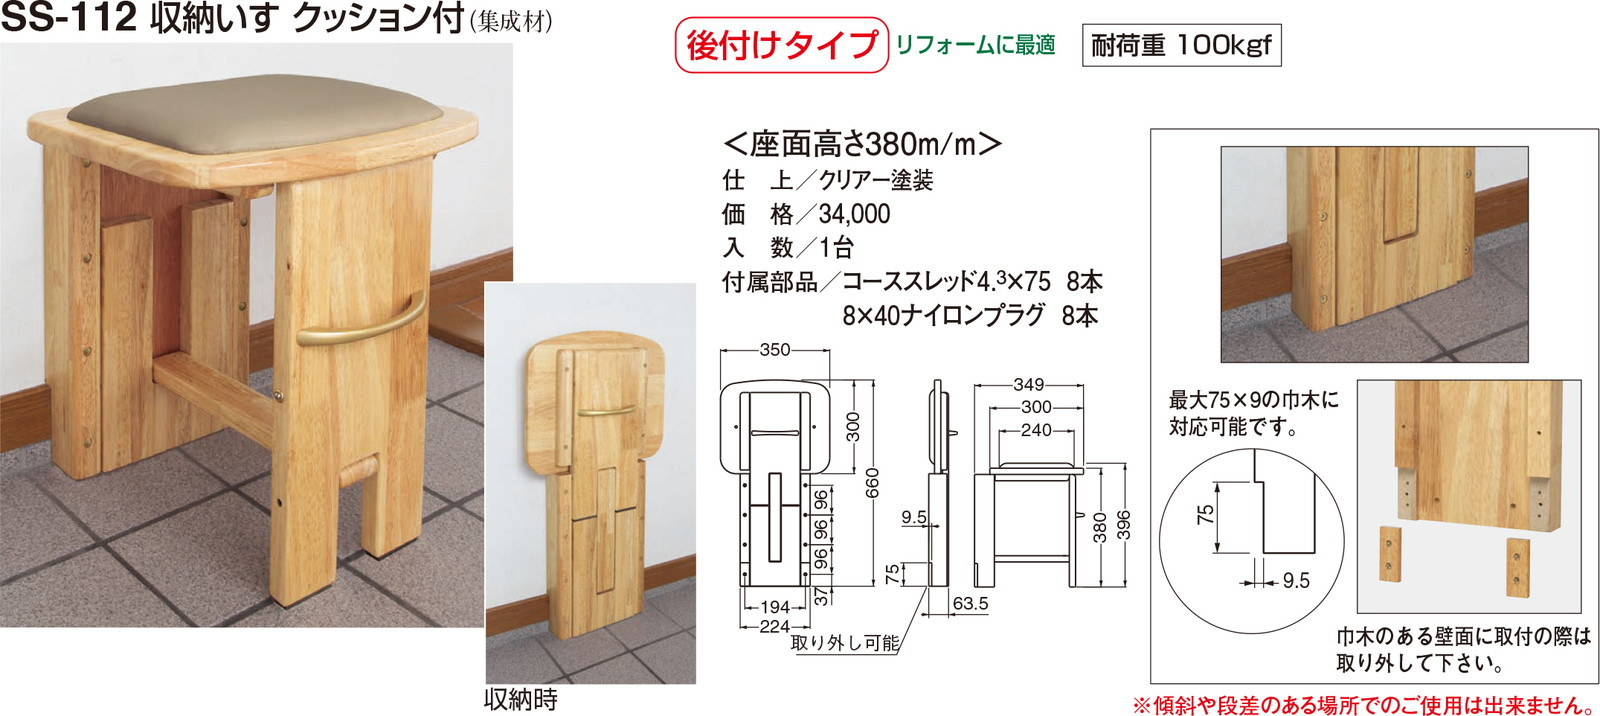 【シロクマ】収納いすクッション付 SS-112